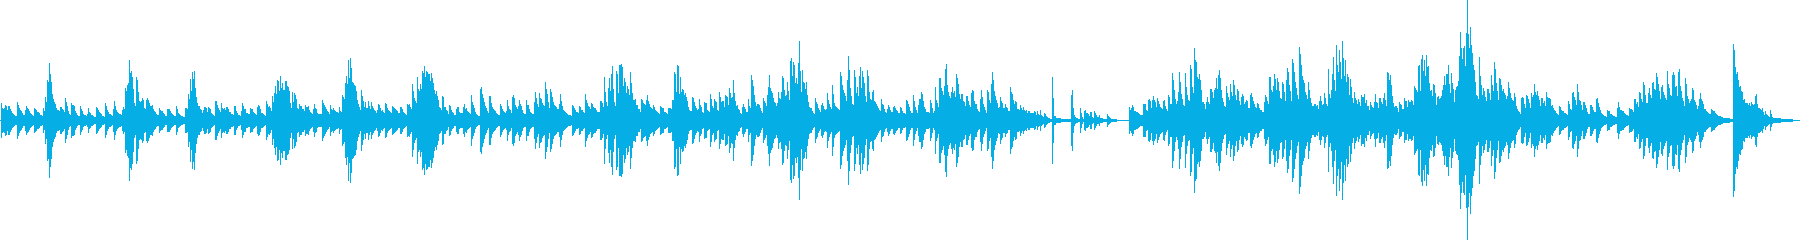 悲劇的でムーディなピアノソロ曲の再生済みの波形